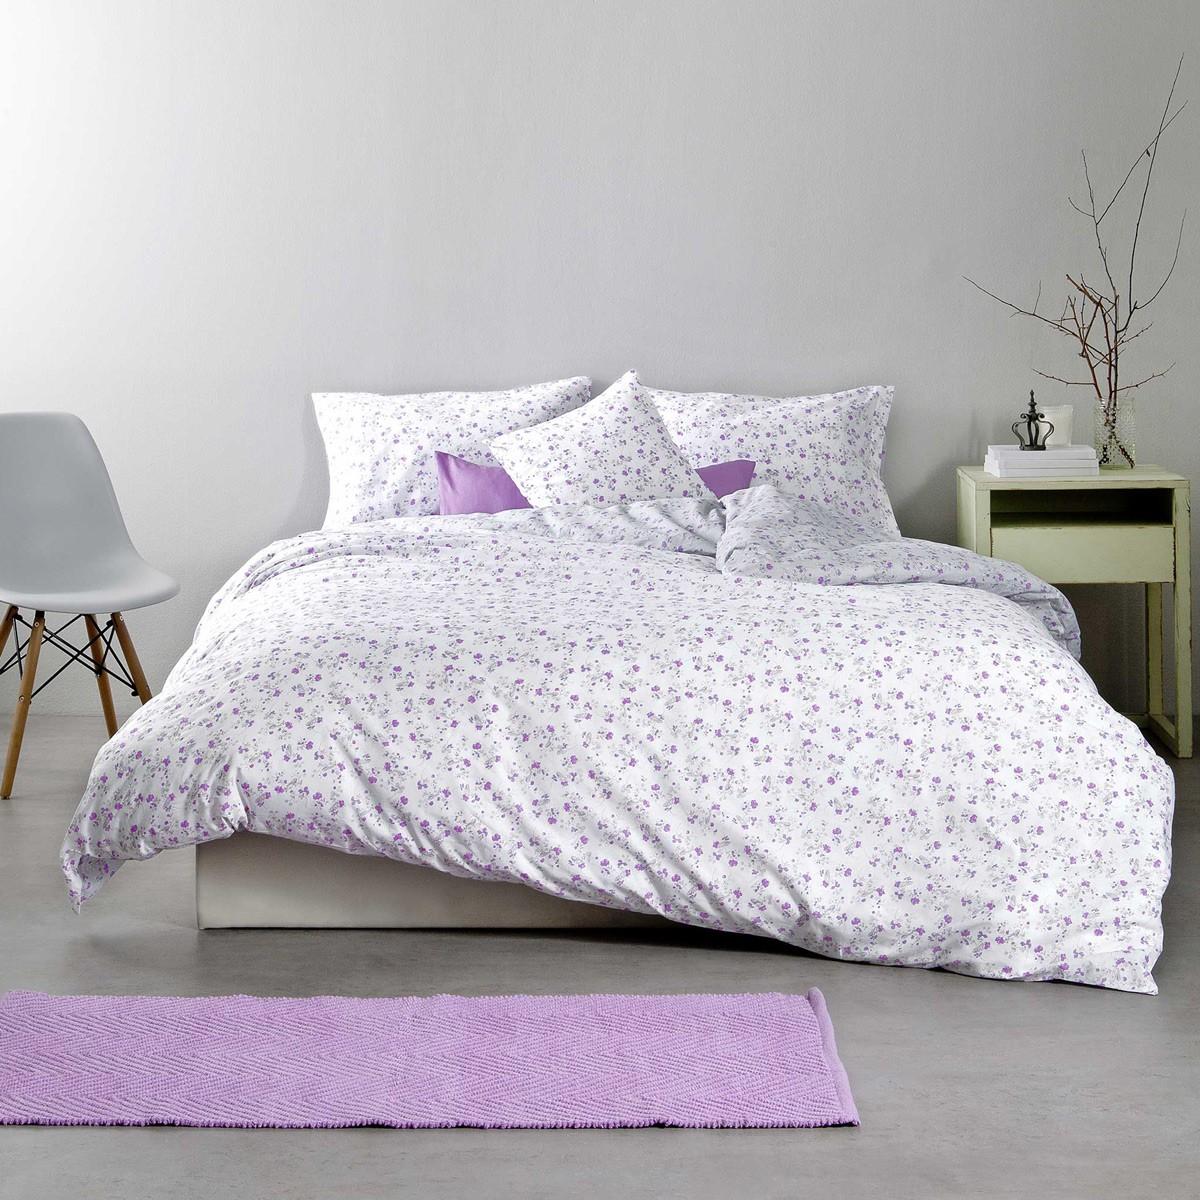 Κουβερλί Υπέρδιπλο Nima Bed Linen Secret Garden Lilac